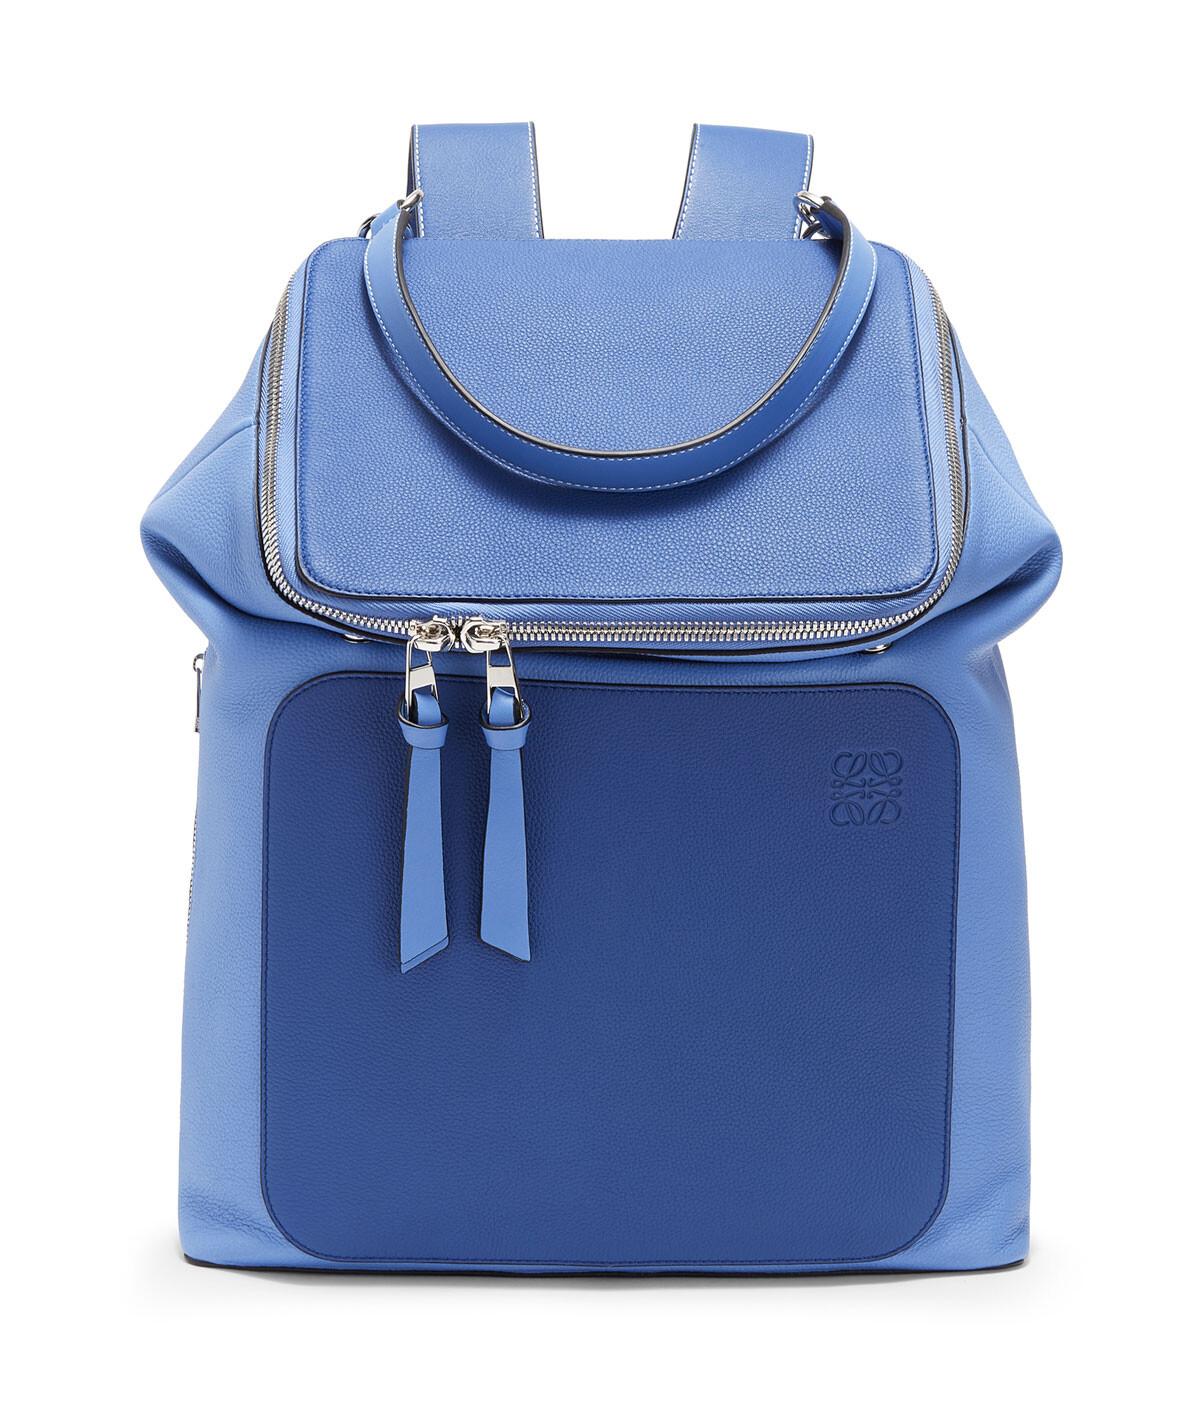 LOEWE Goya Backpack Pacific Blue/Seaside Blue front